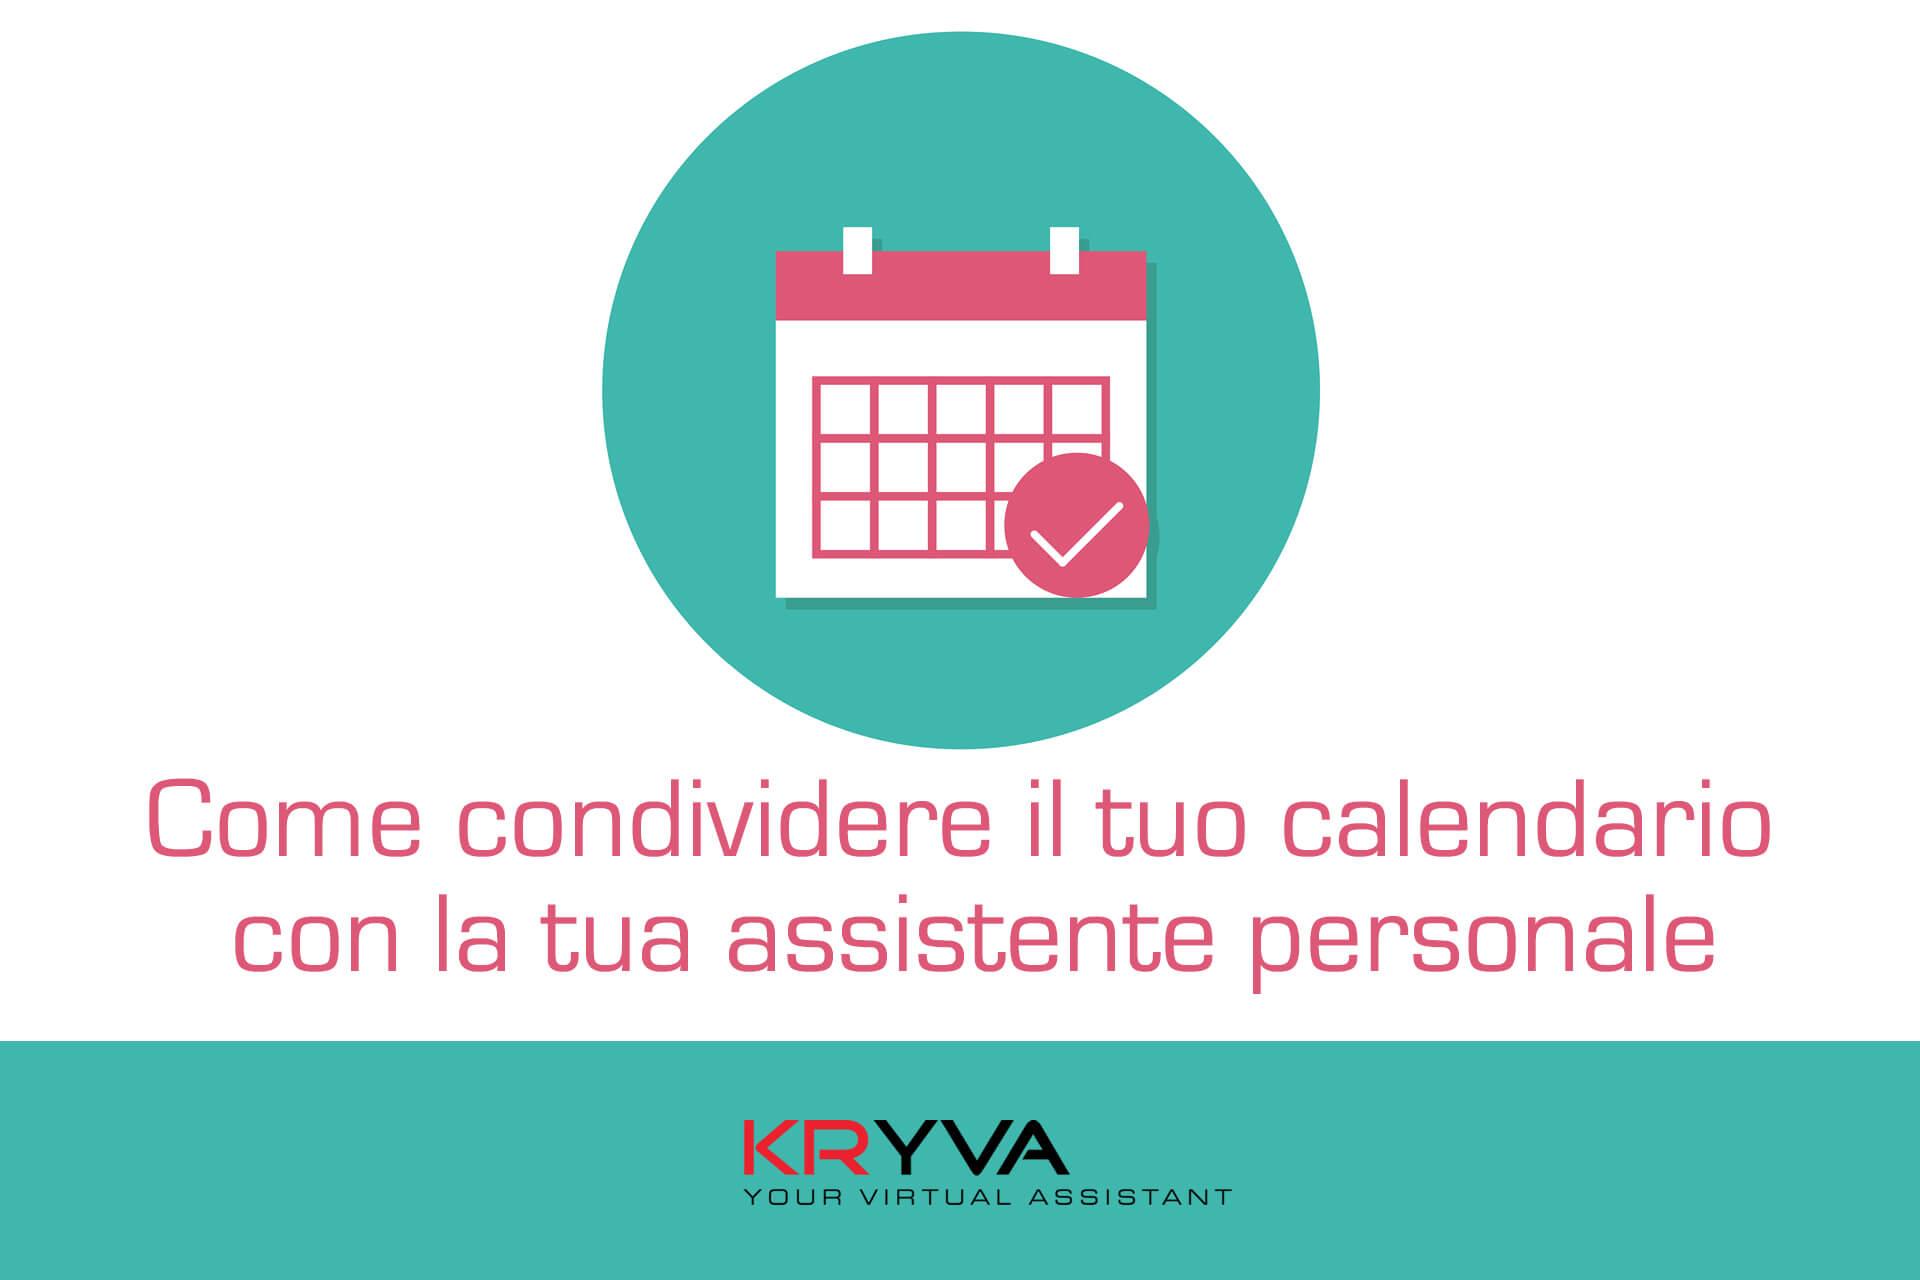 Come condividere il calendario con l'assistente personale